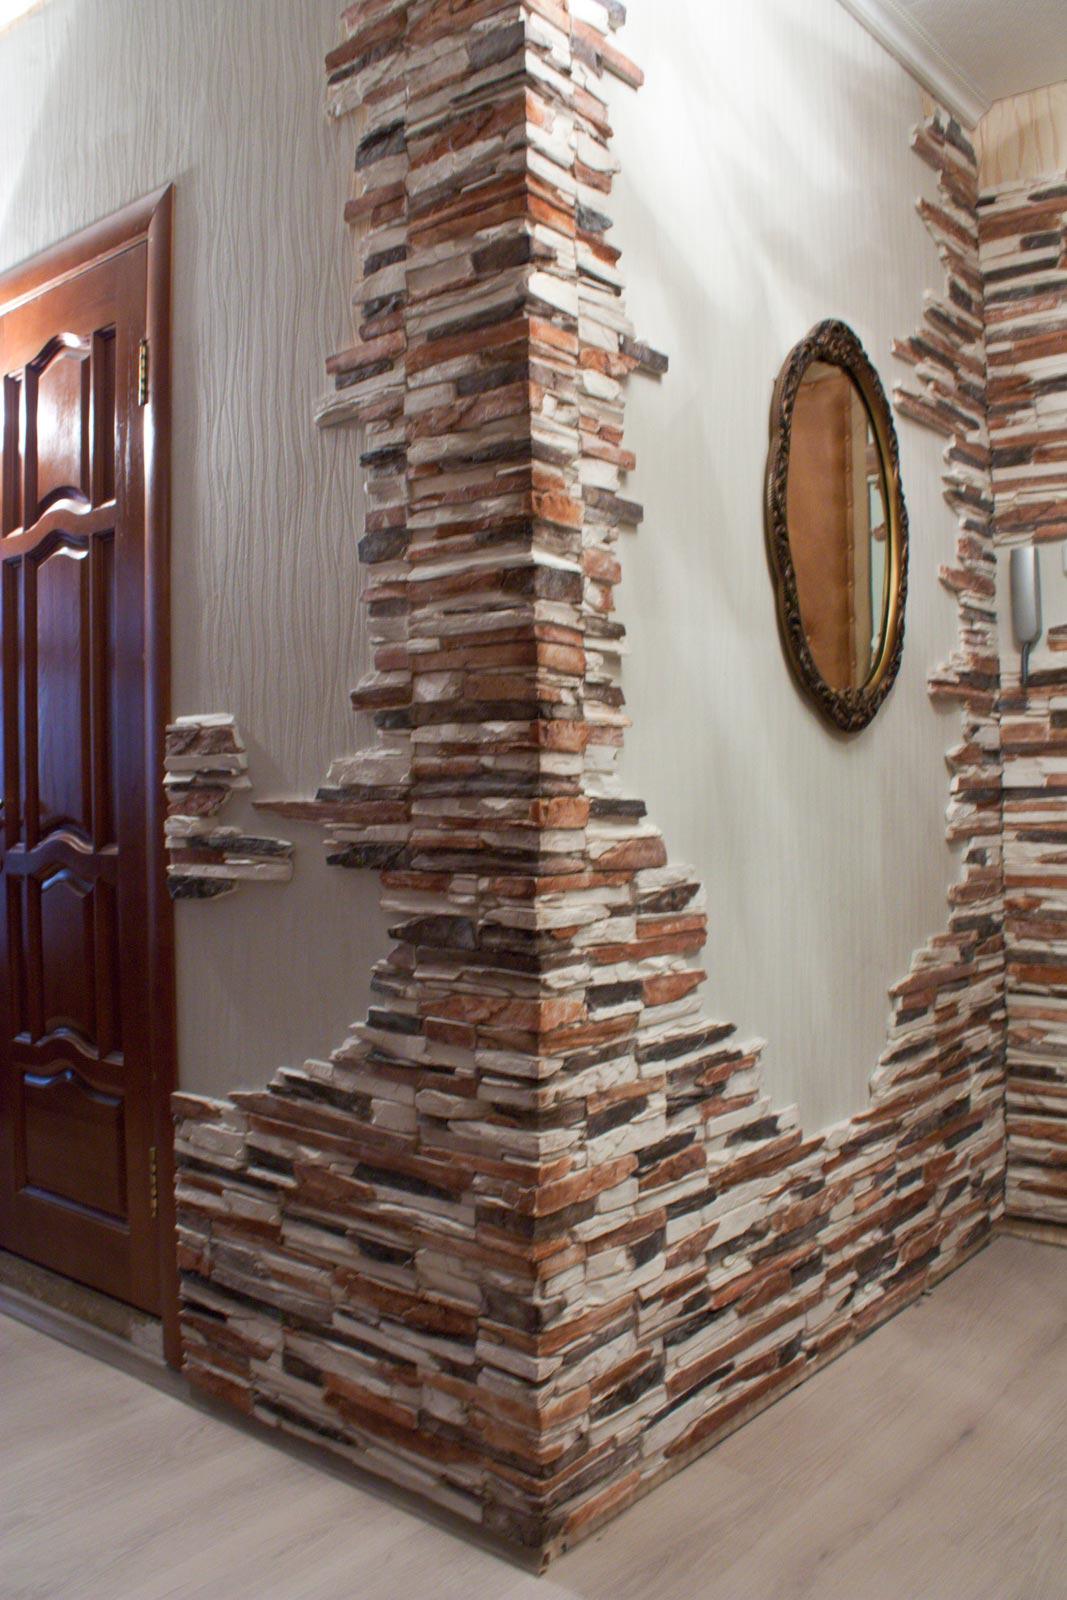 Искусственный декоративный камень в интерьере: достоинства и недостатки, инструкция и советы по укладке своими руками